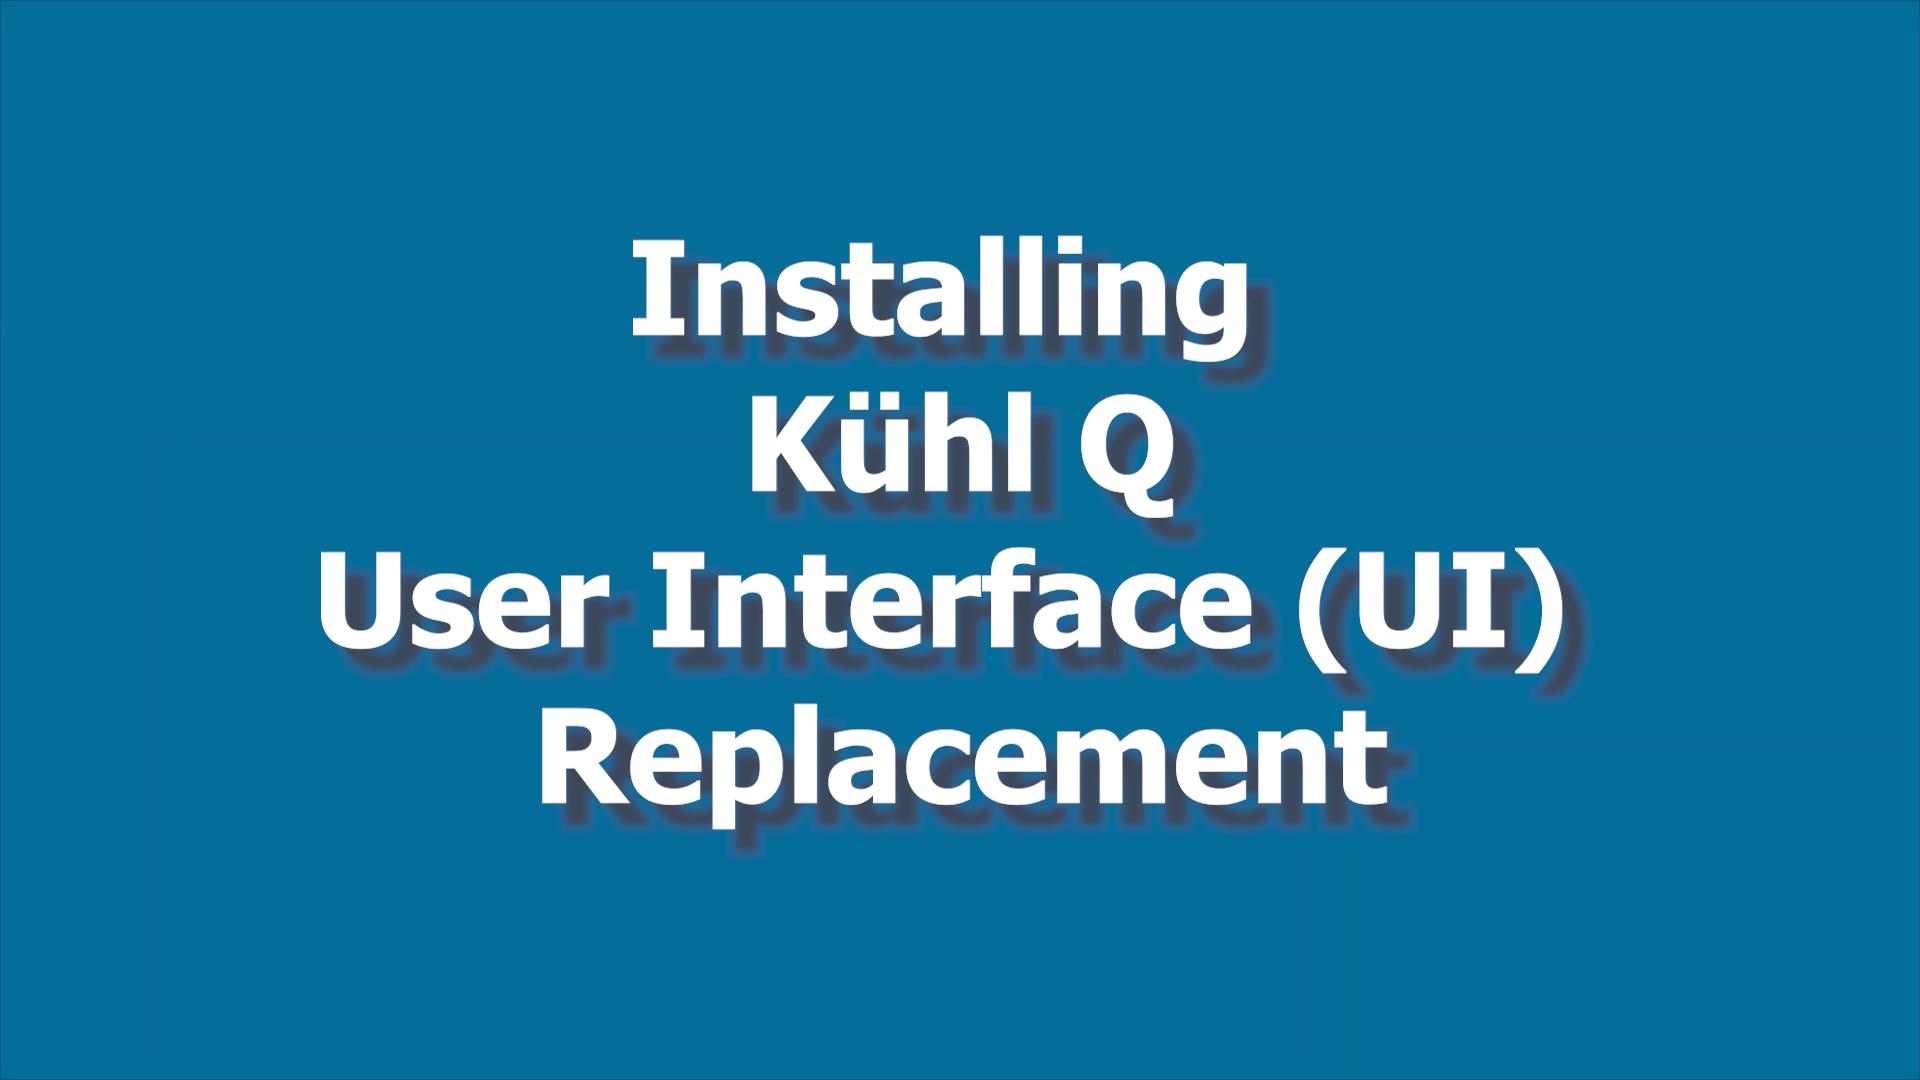 Kuhl Q IU Board Install